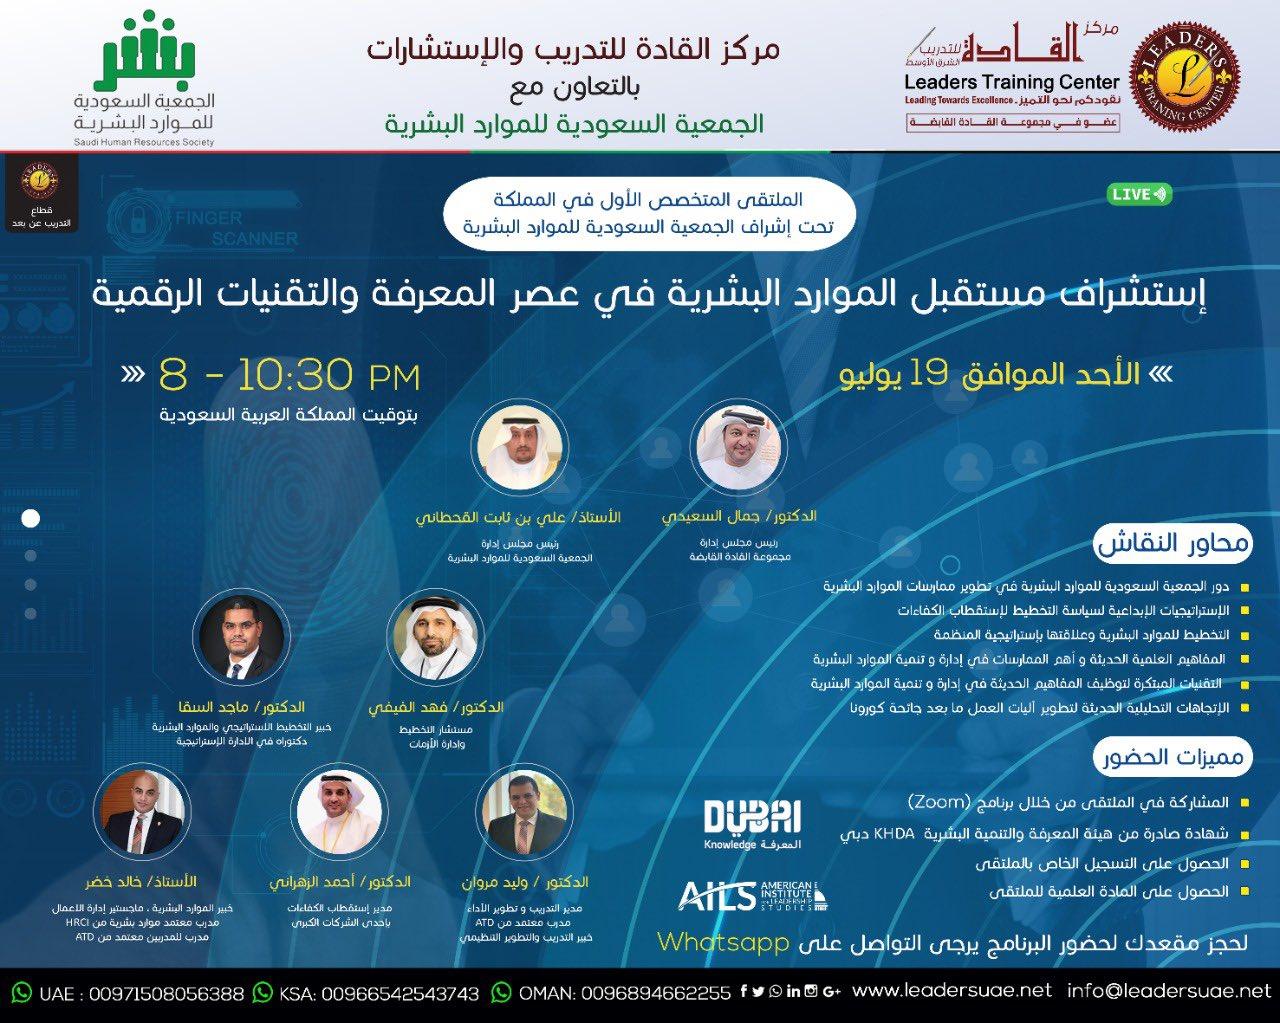 """ملتقى """"استشراف مستقبل الموارد البشرية في عصر المعرفة والتقنيات الرقمية"""""""